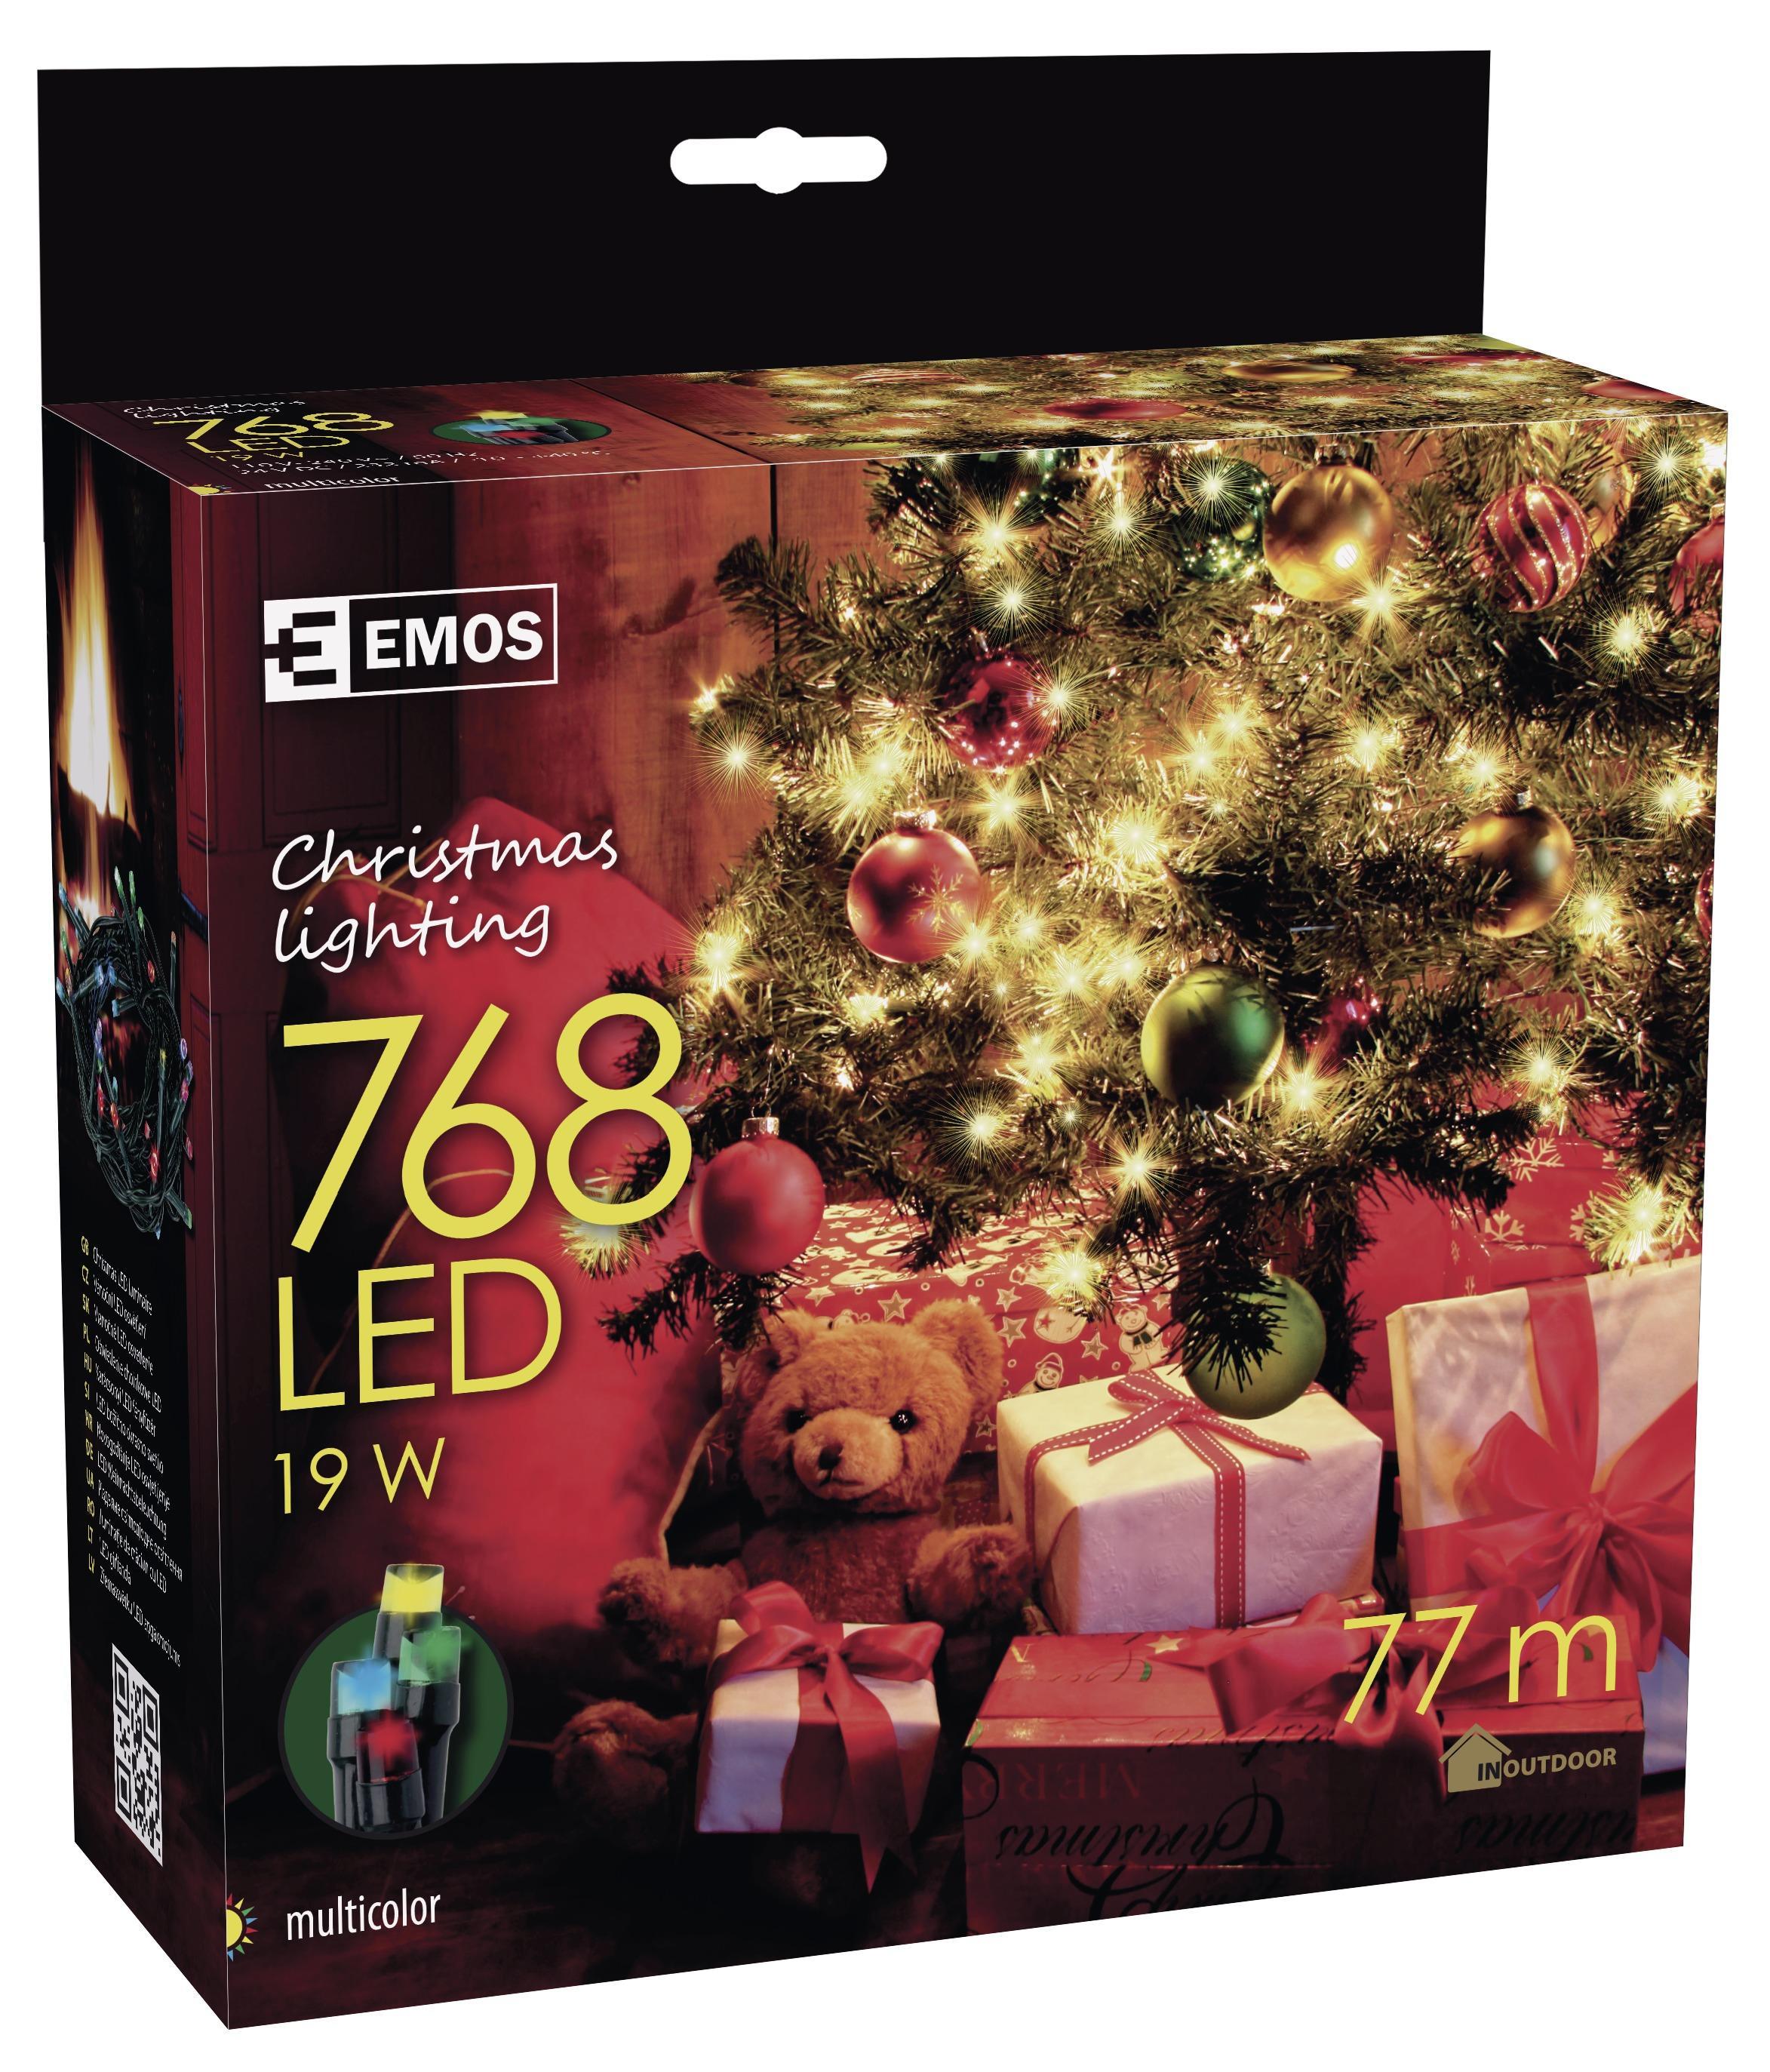 768 LED vánoční osvětlení 76M IP44 multicolor